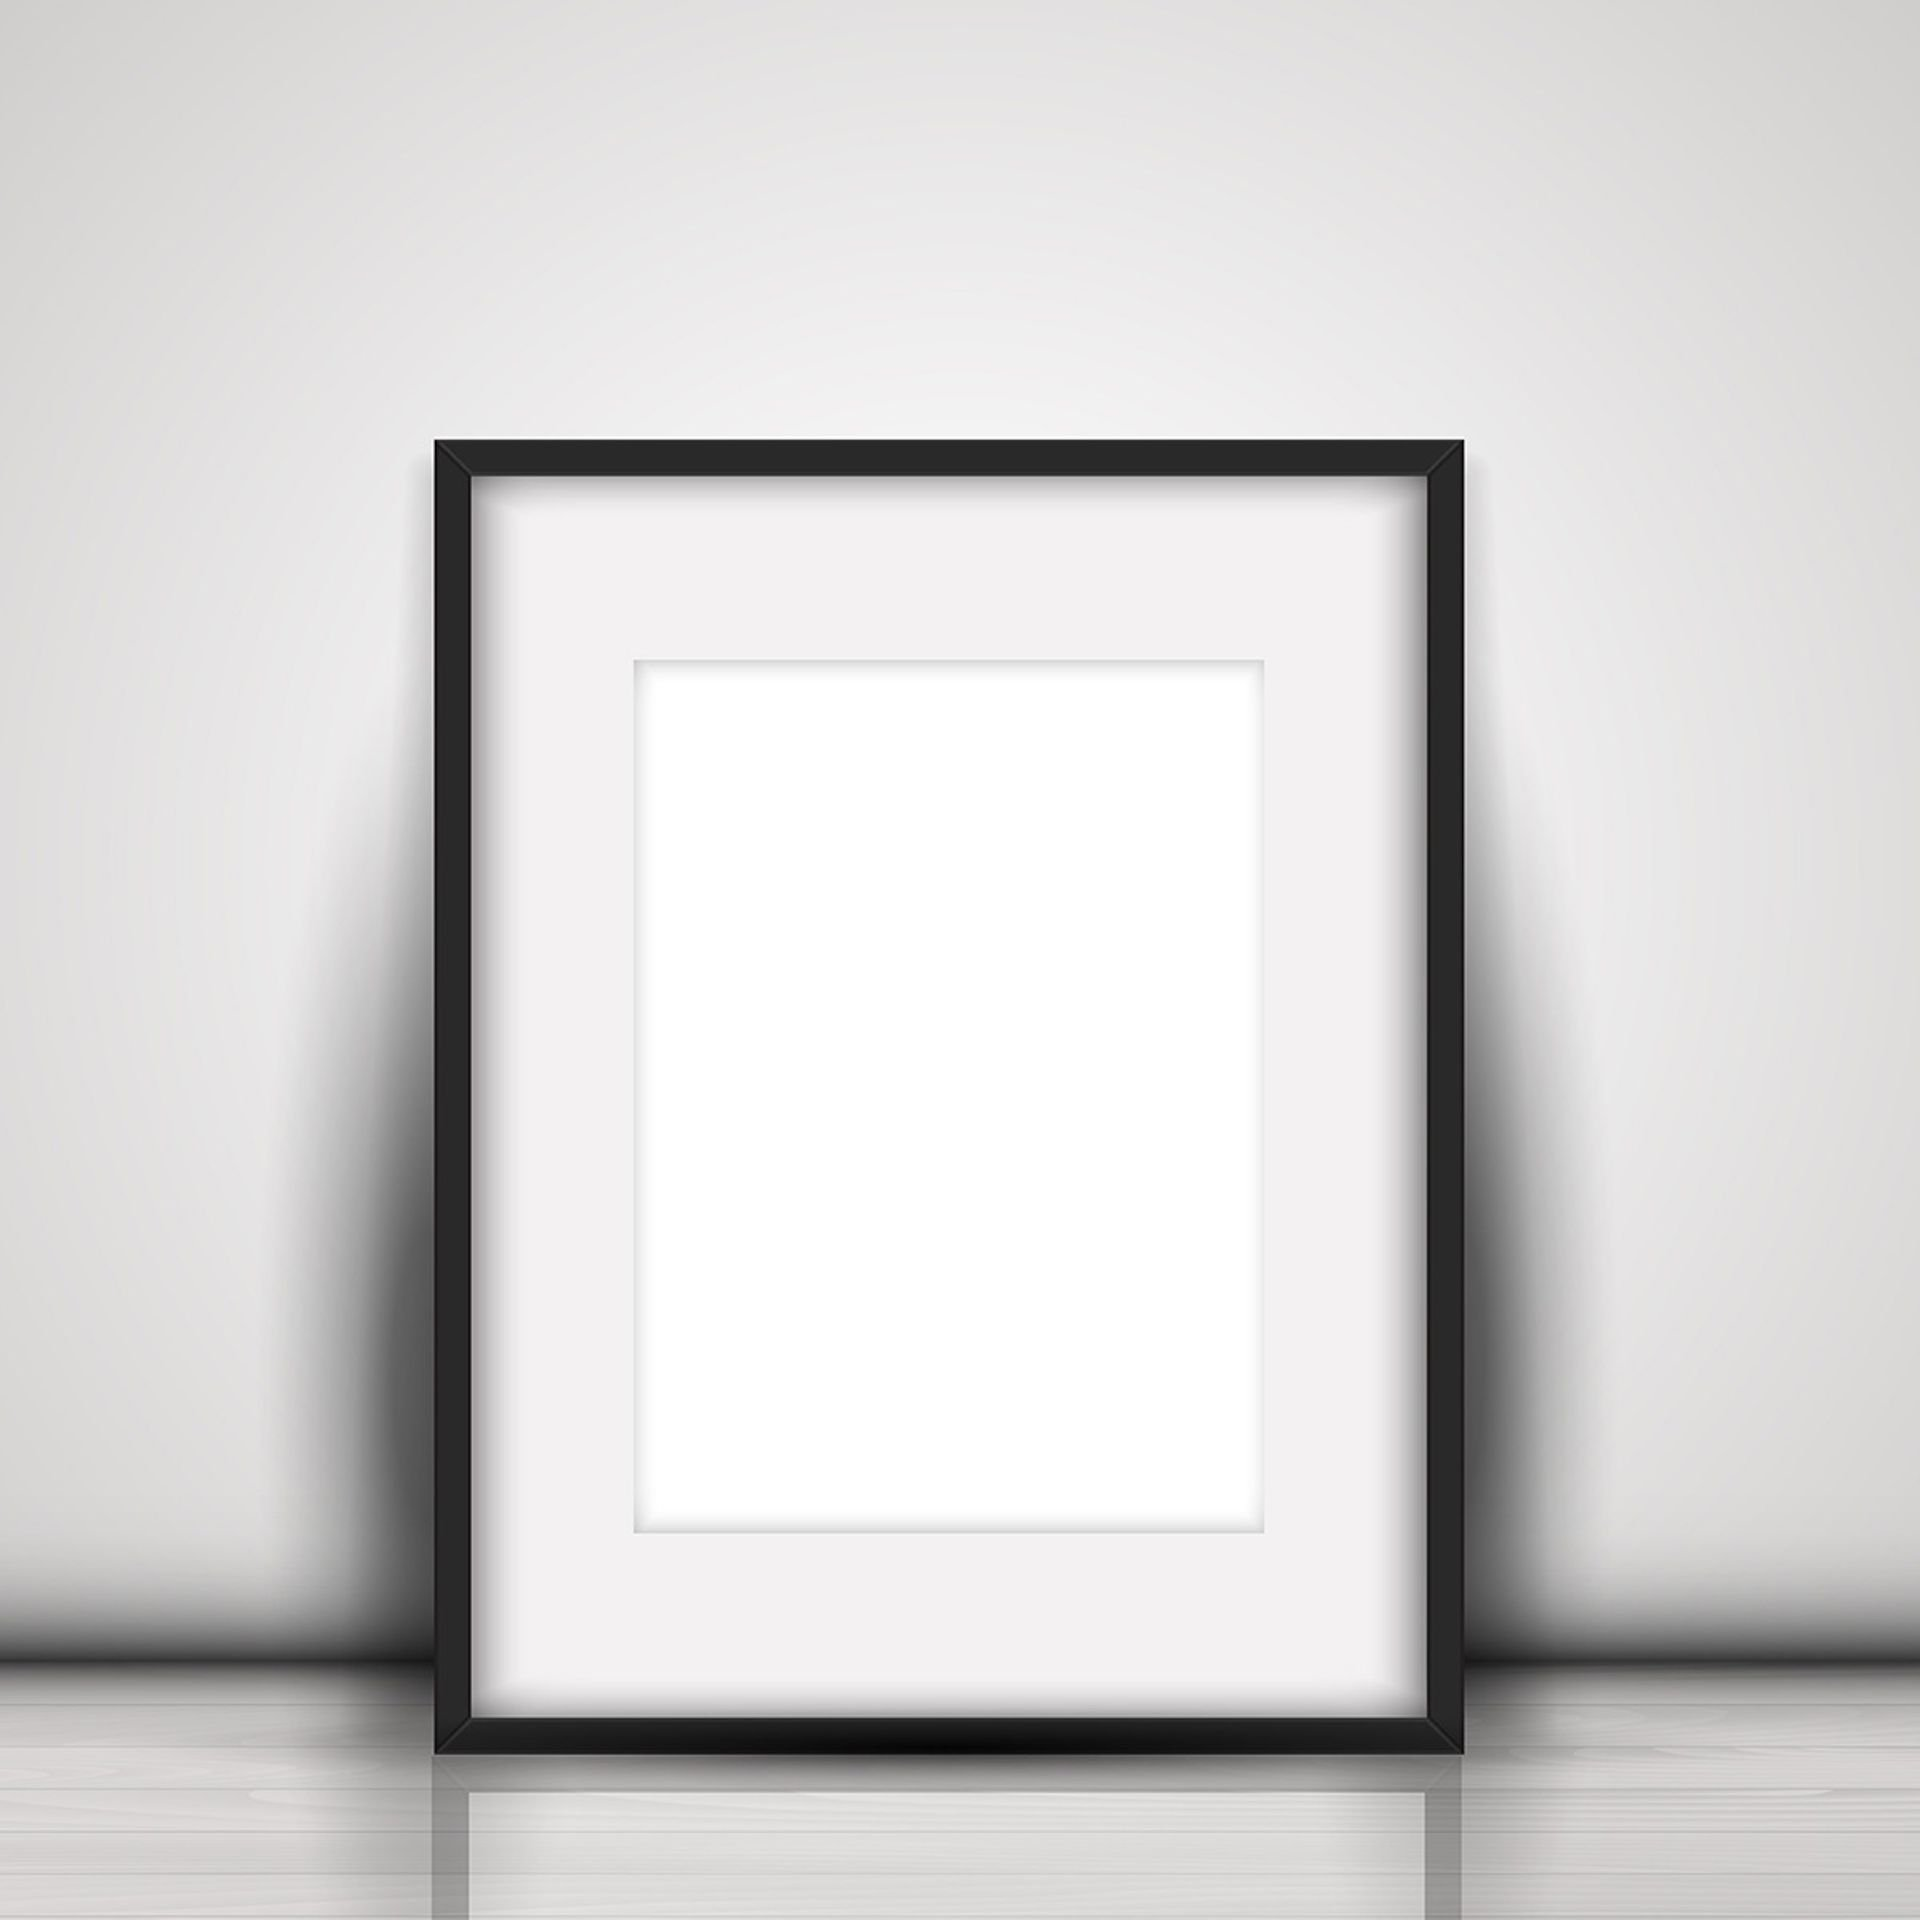 =מסגרת תמונה איכותית דגם FR9257, כולל הדפסת תמונה.